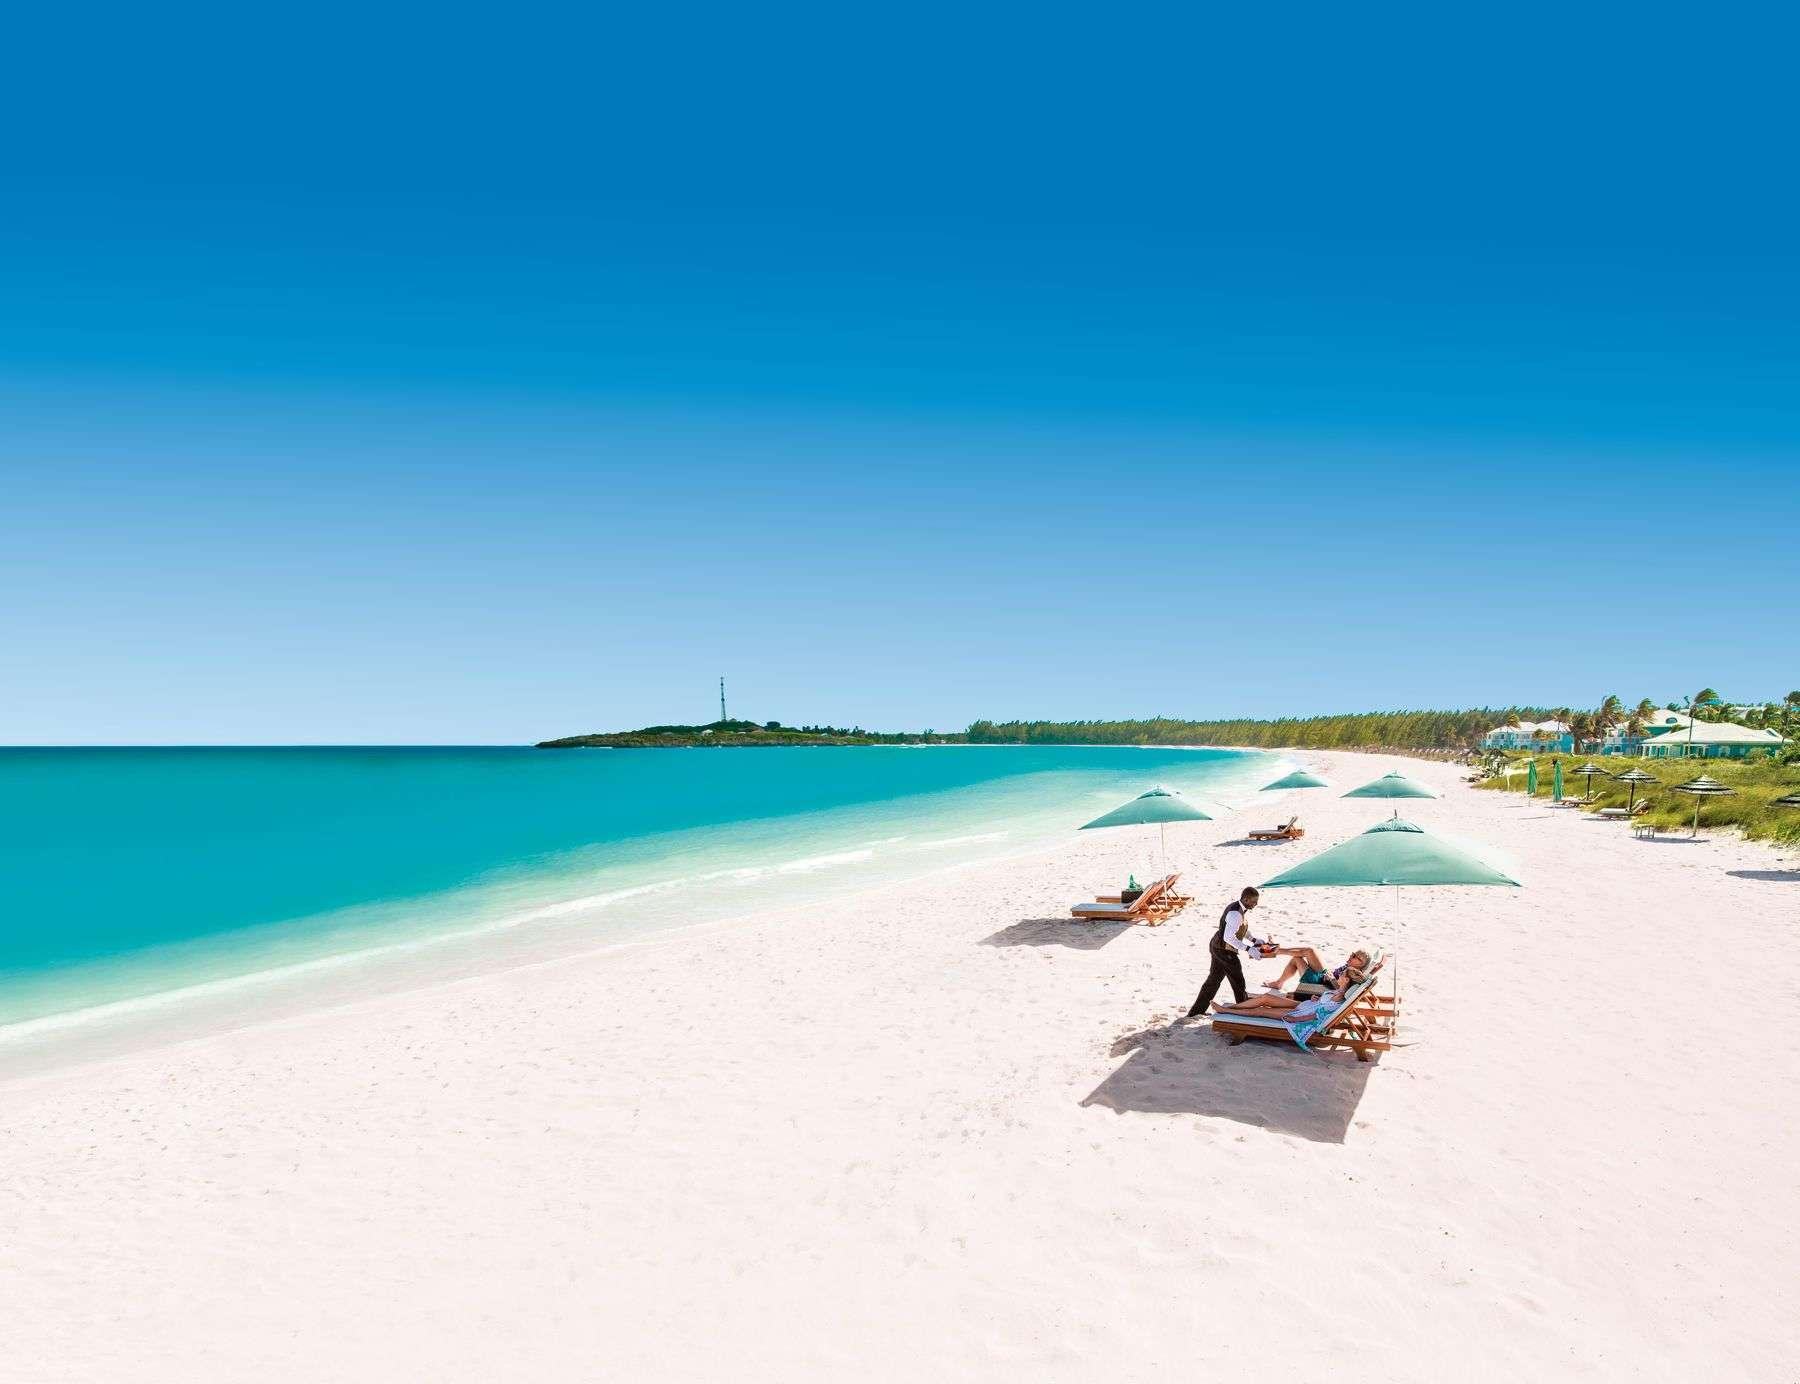 Sandals Emerald Bay